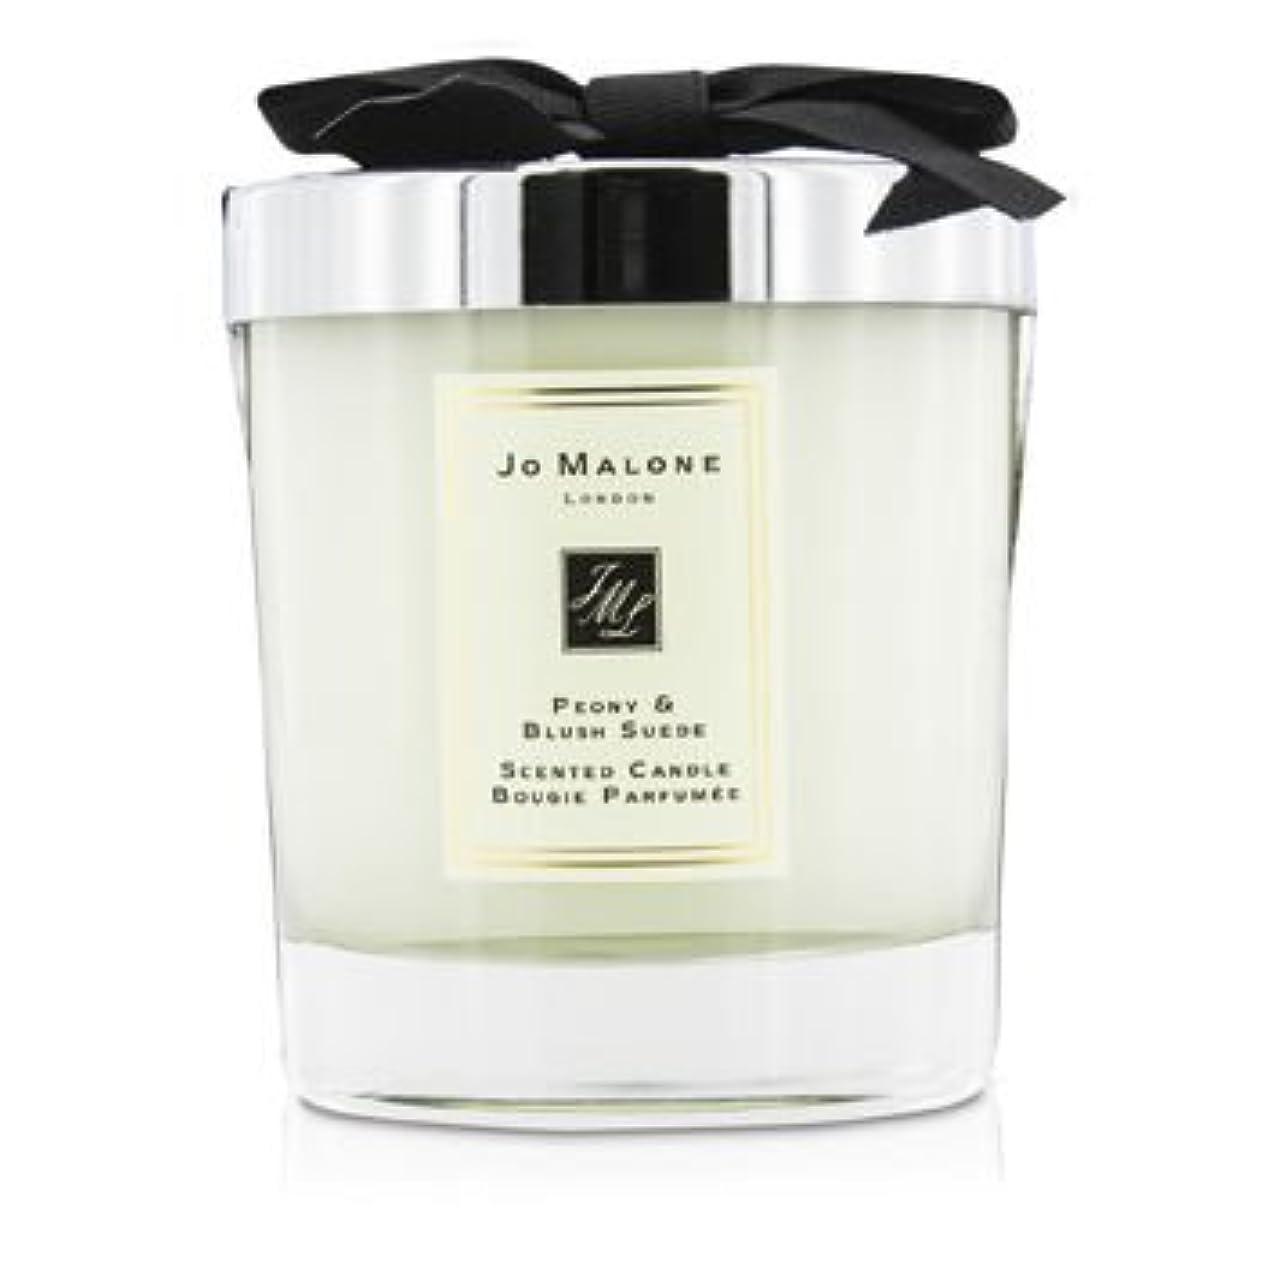 ダーツ同一性経営者[Jo Malone(ジョーマローン)] ピオニー&ブラッシュスエード香りのキャンドル 200g (2.5 inch)